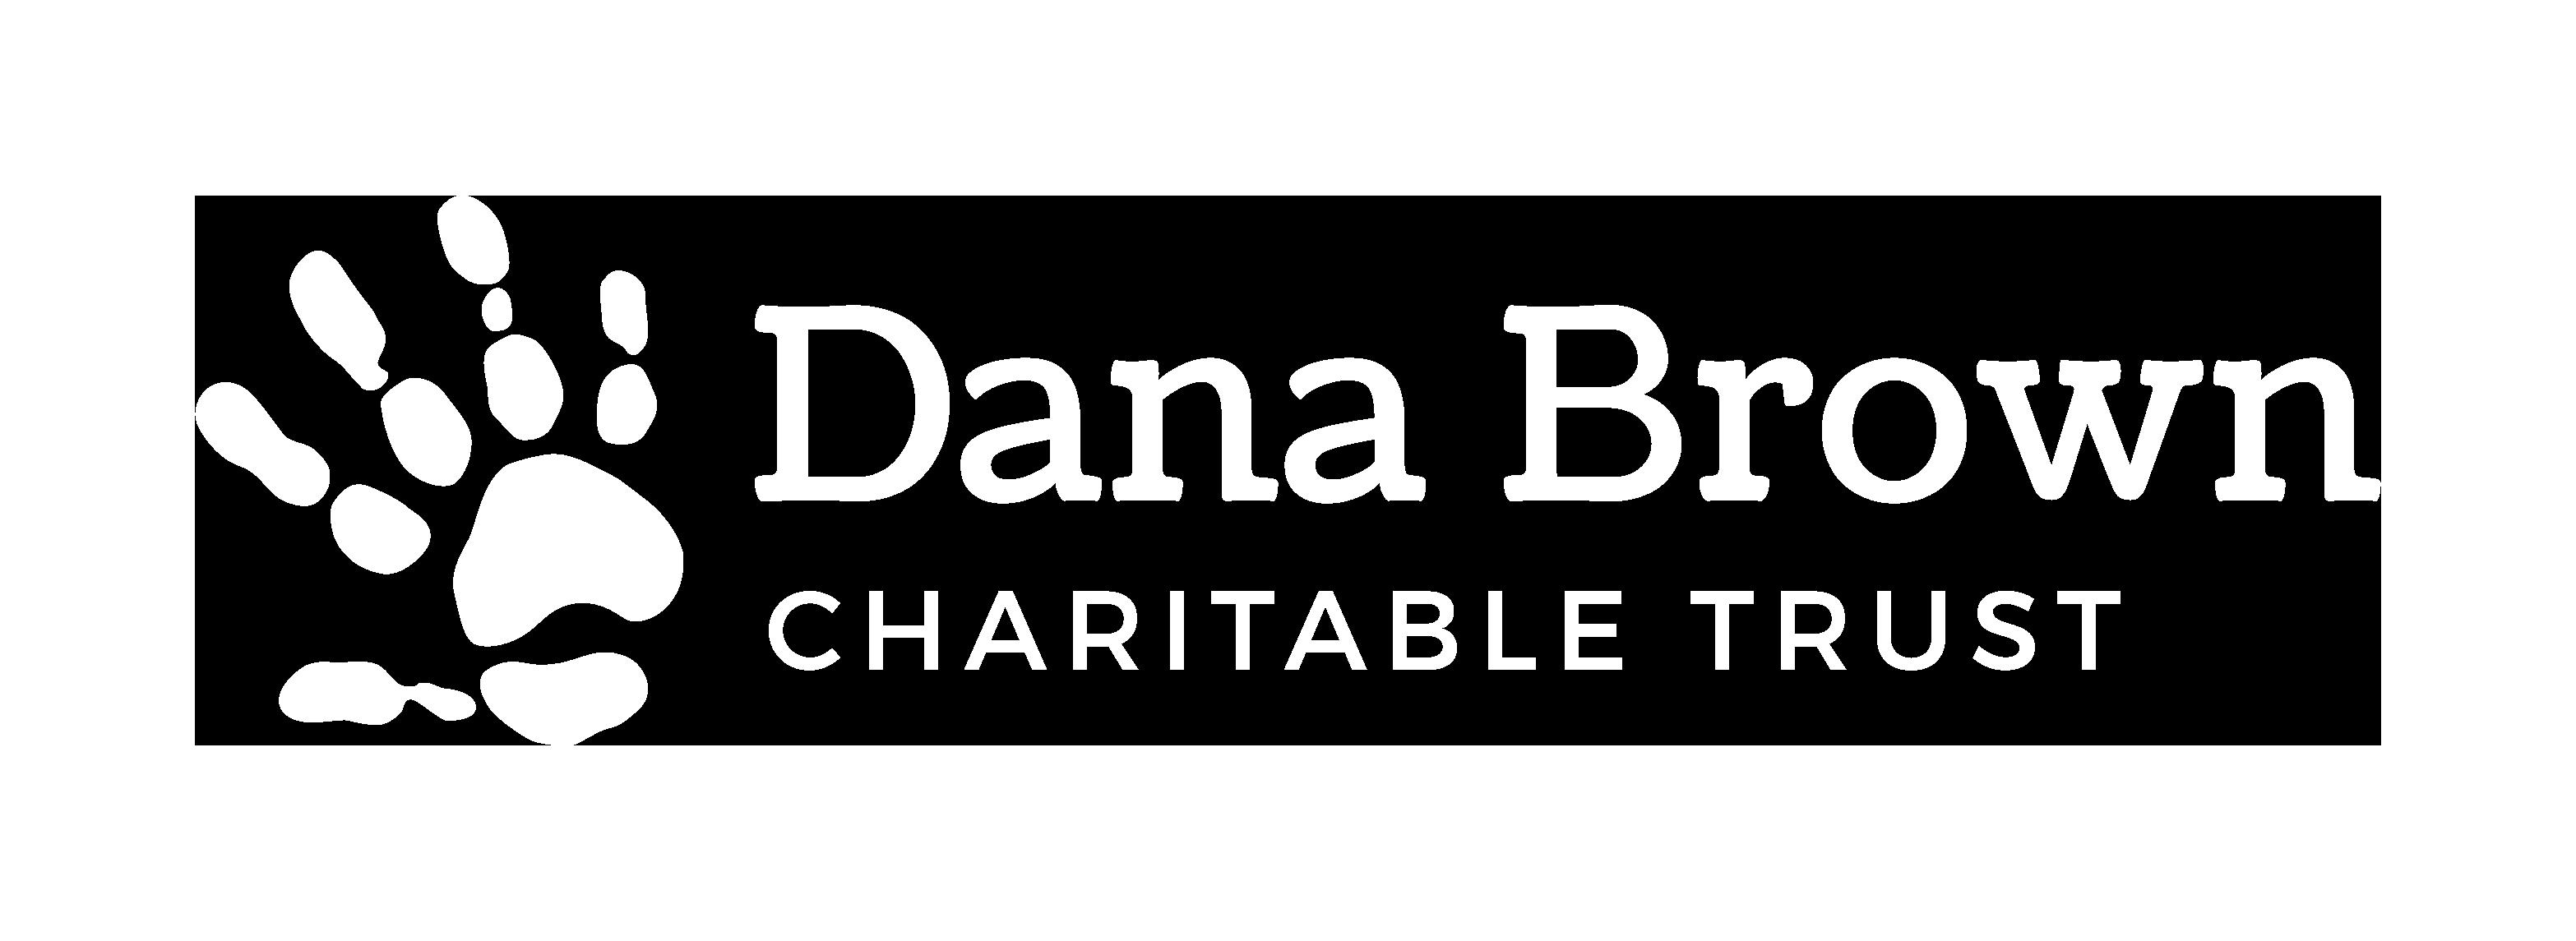 Dana Brown Charitable Trust